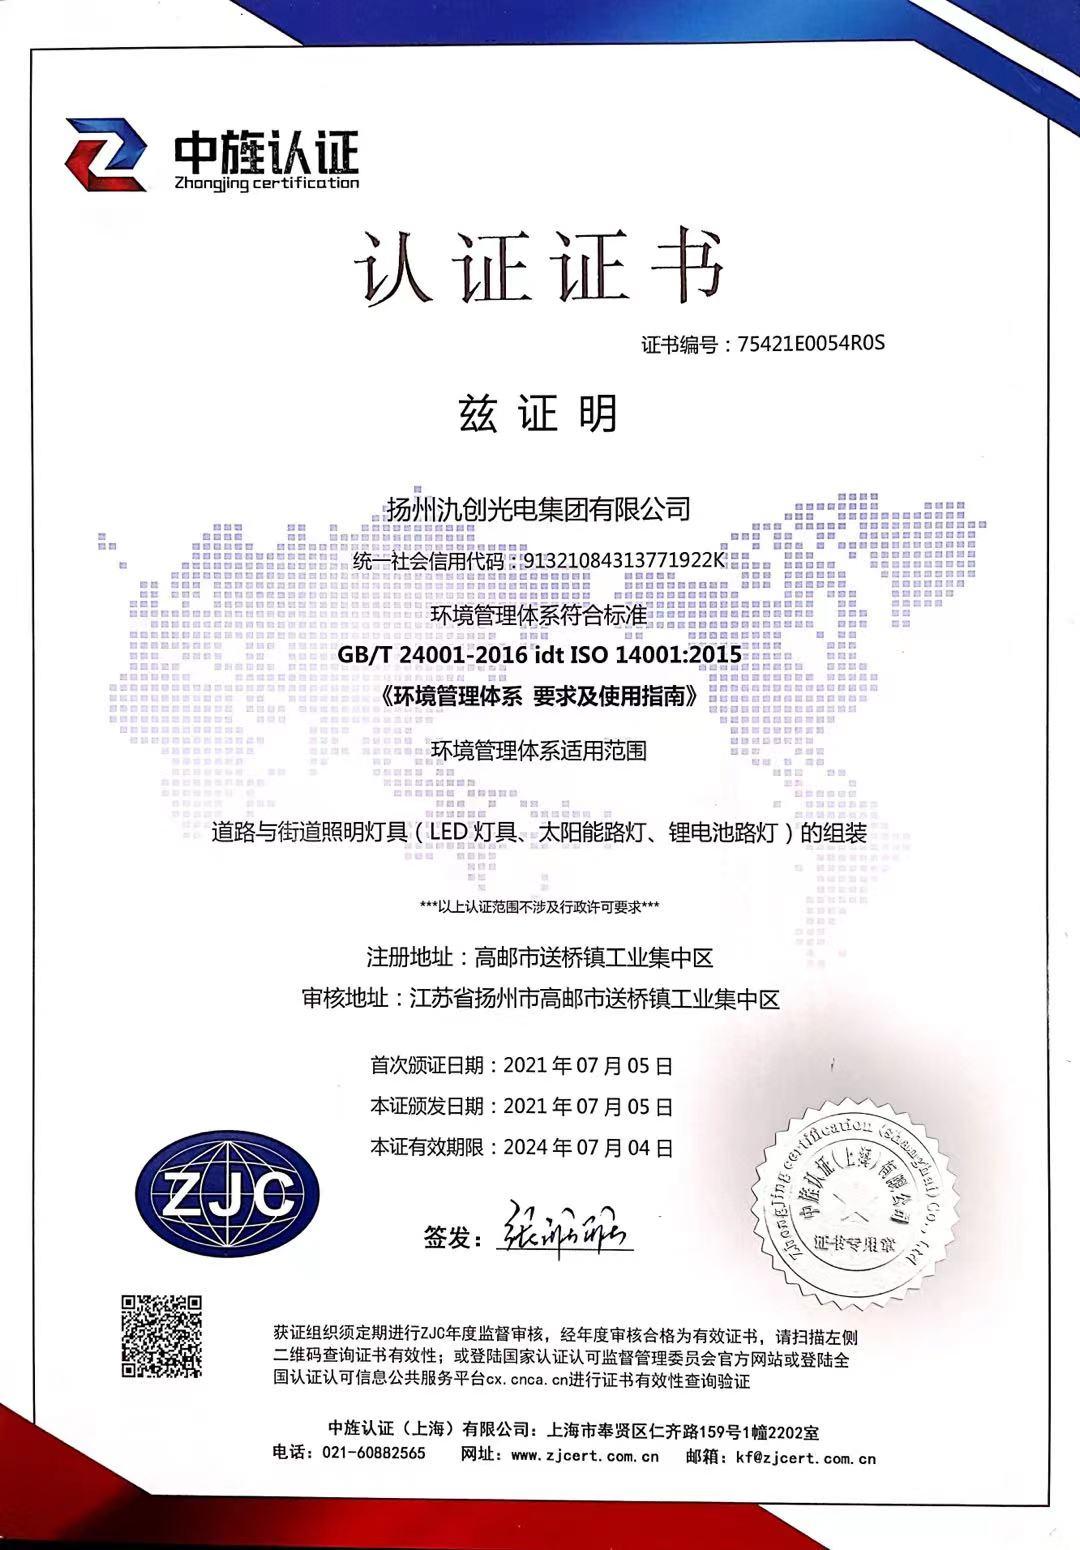 2021最新环境体系证书